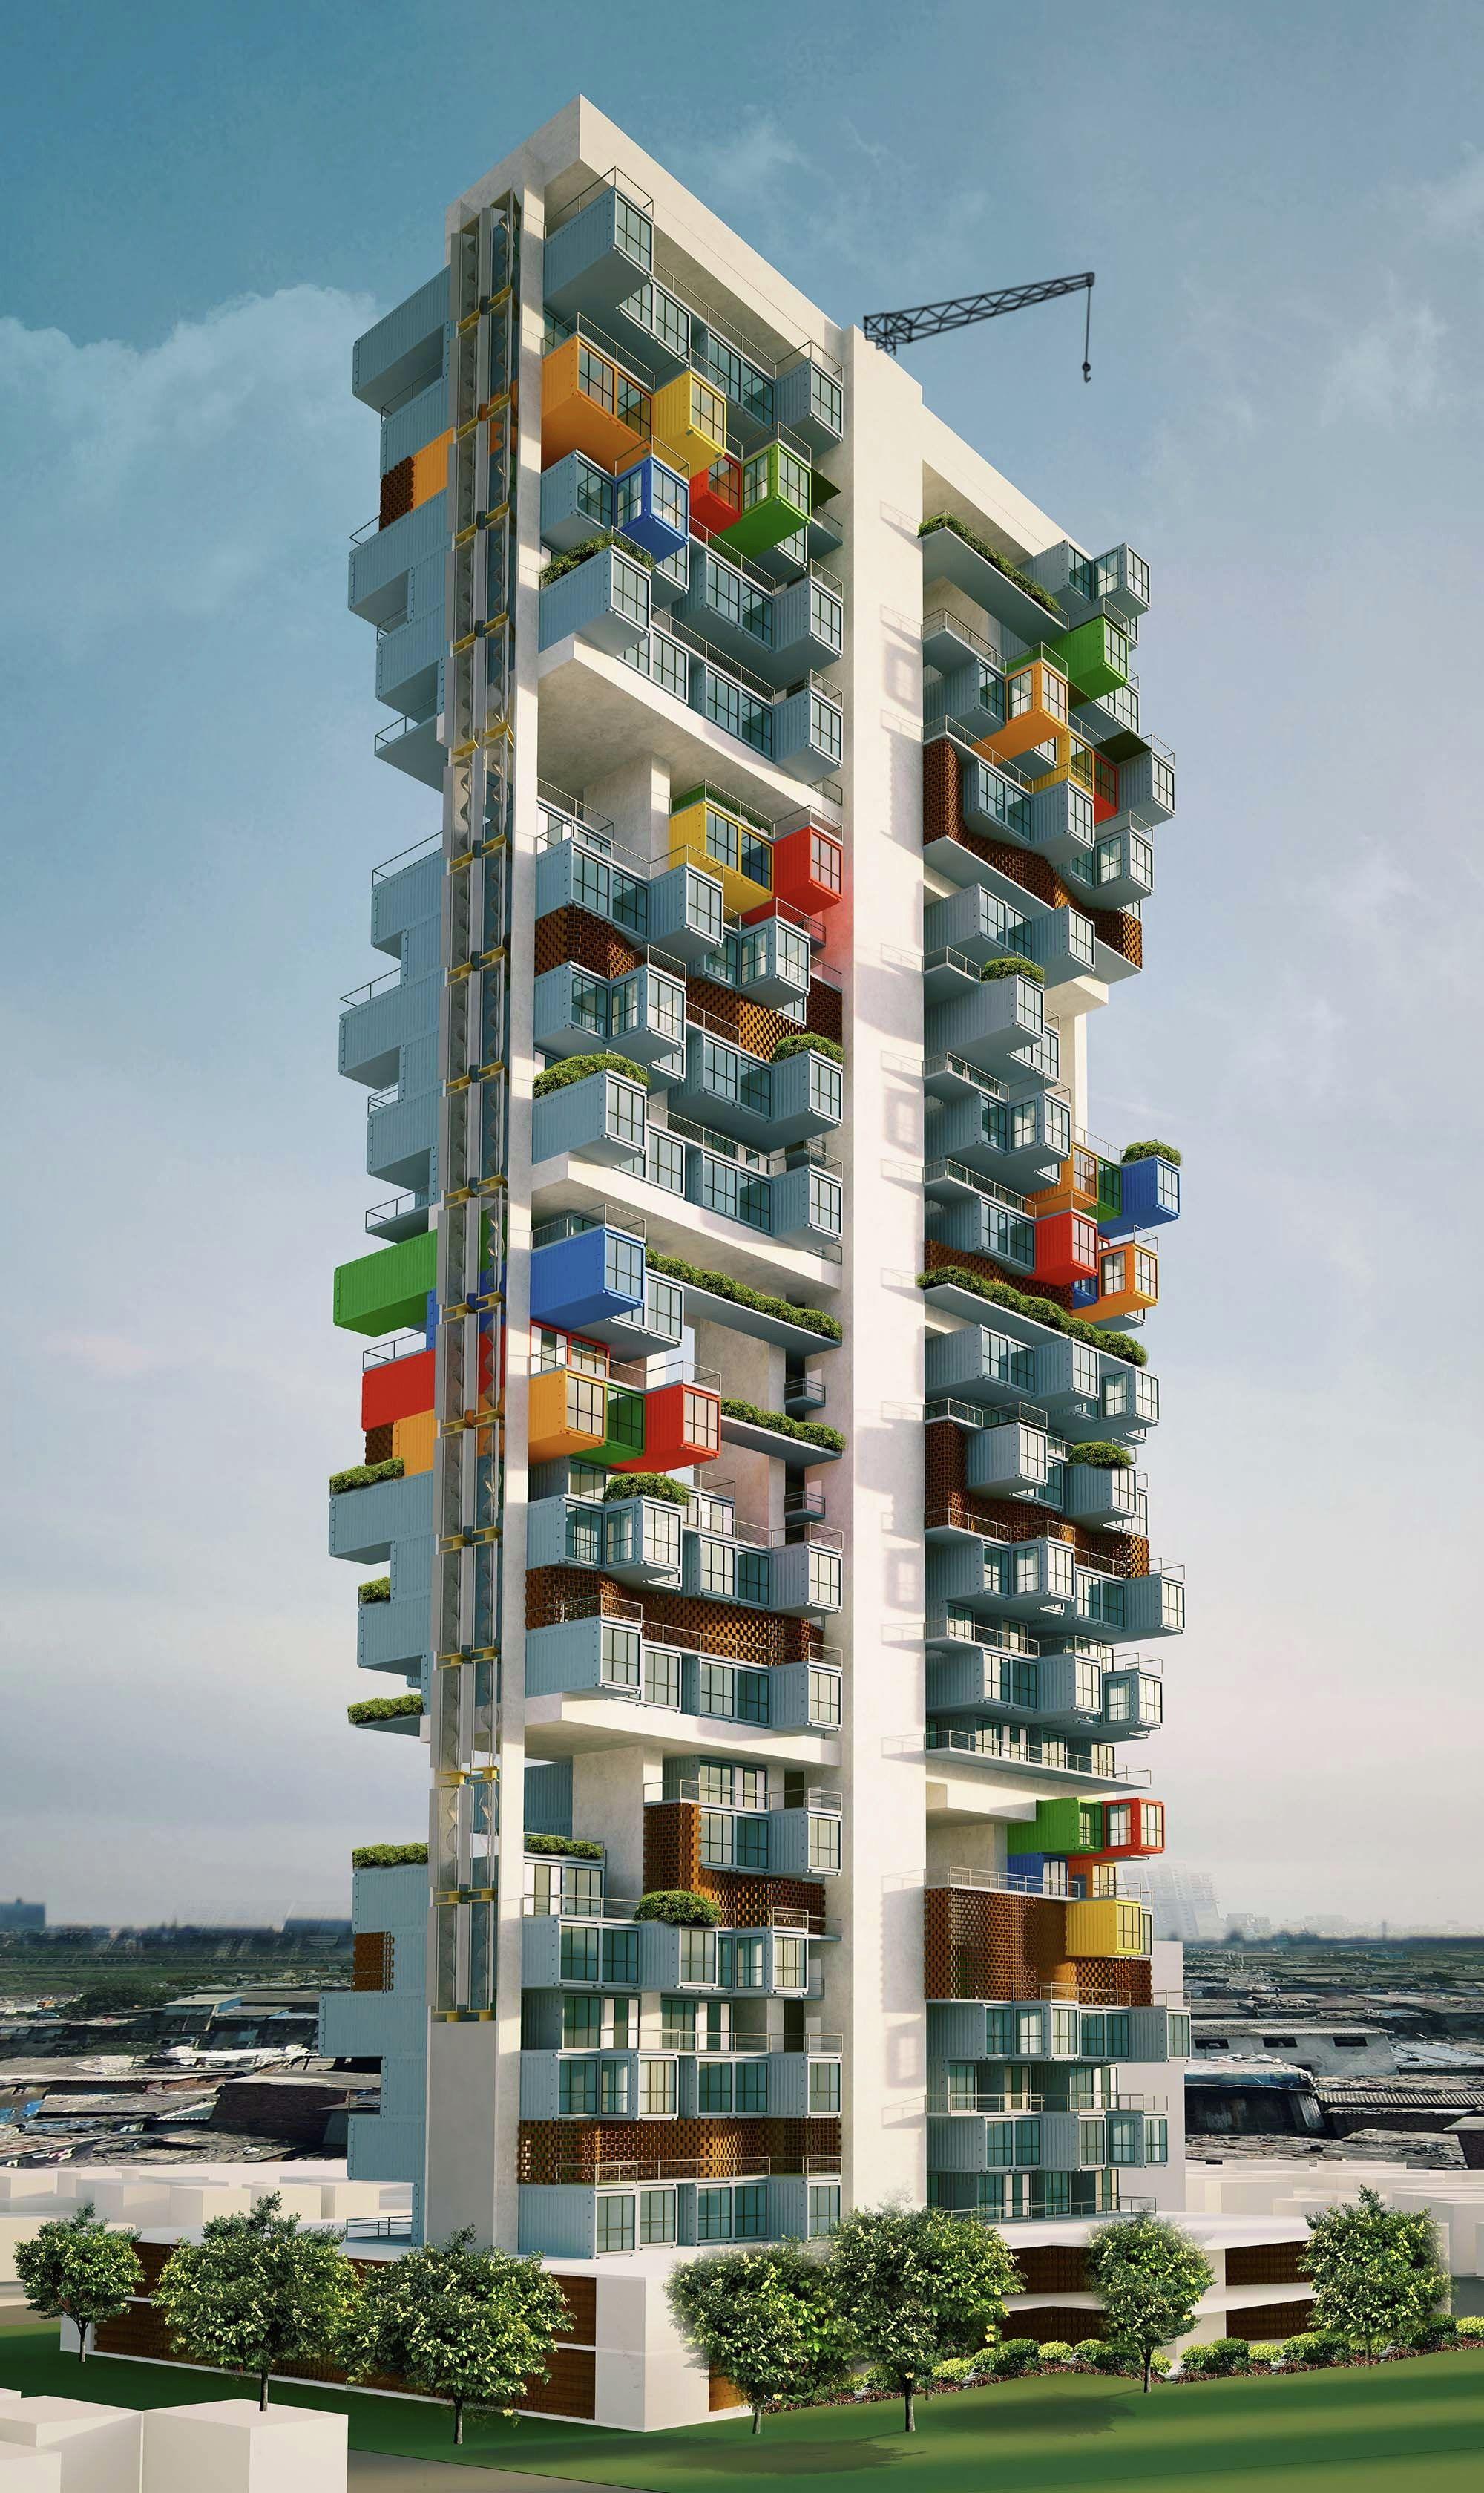 Gallery GA Designs Radical Shipping Container Skyscraper for Mumbai Slum 2